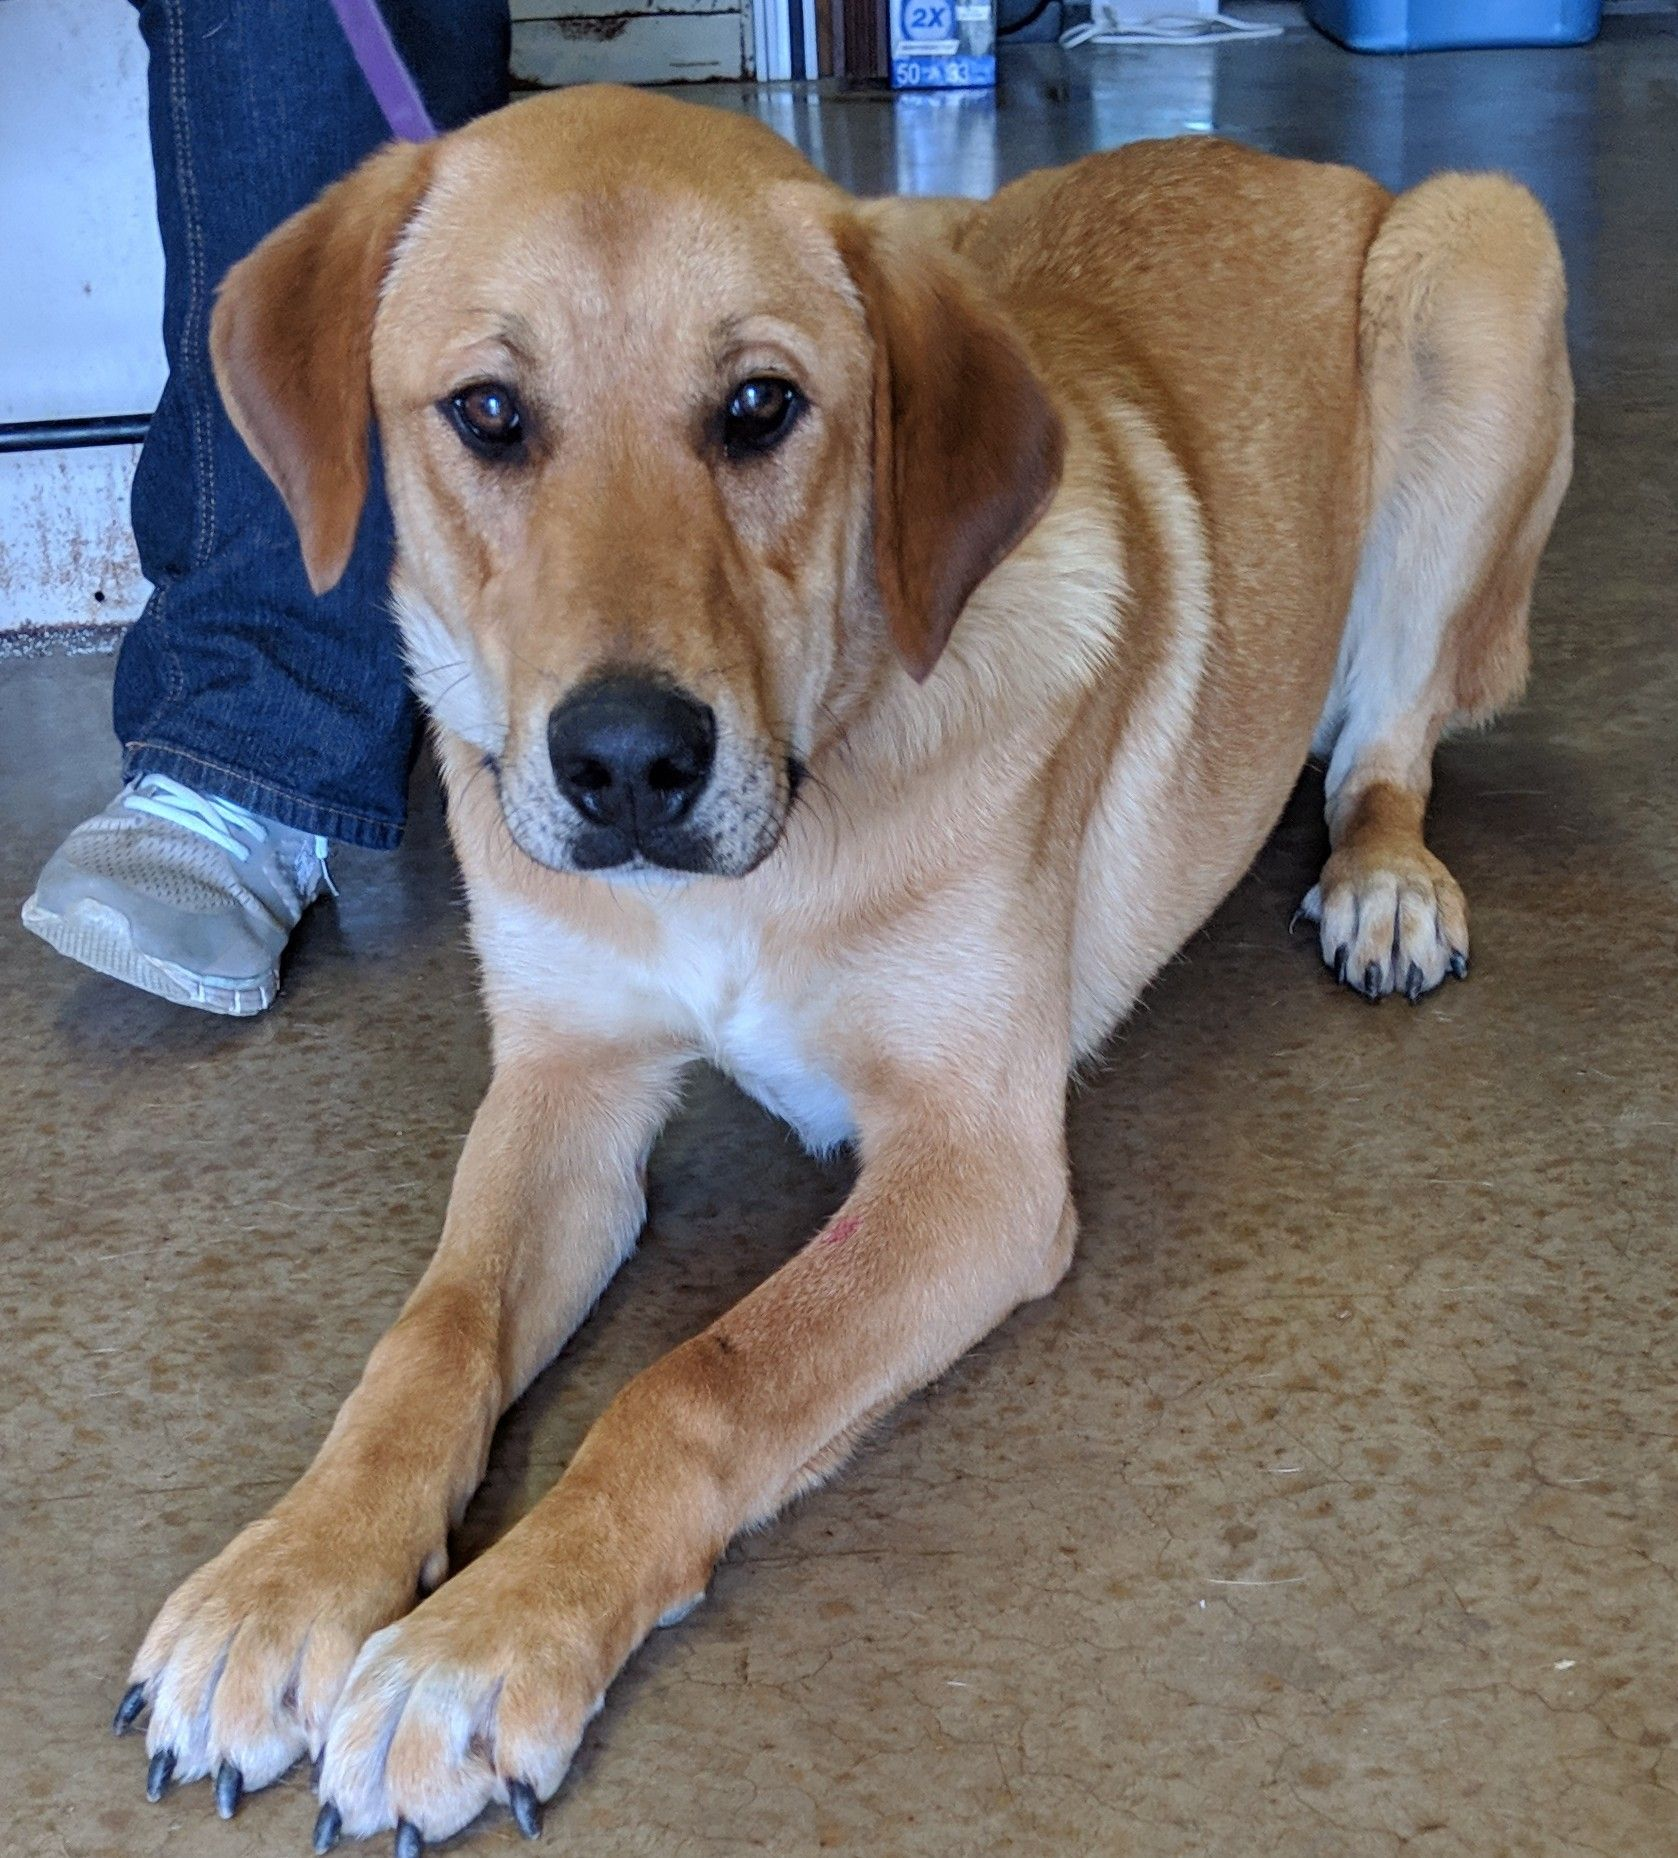 Adopt Lady Godiva On Petfinder In 2020 Lady Godiva Dog Adoption Help Homeless Pets